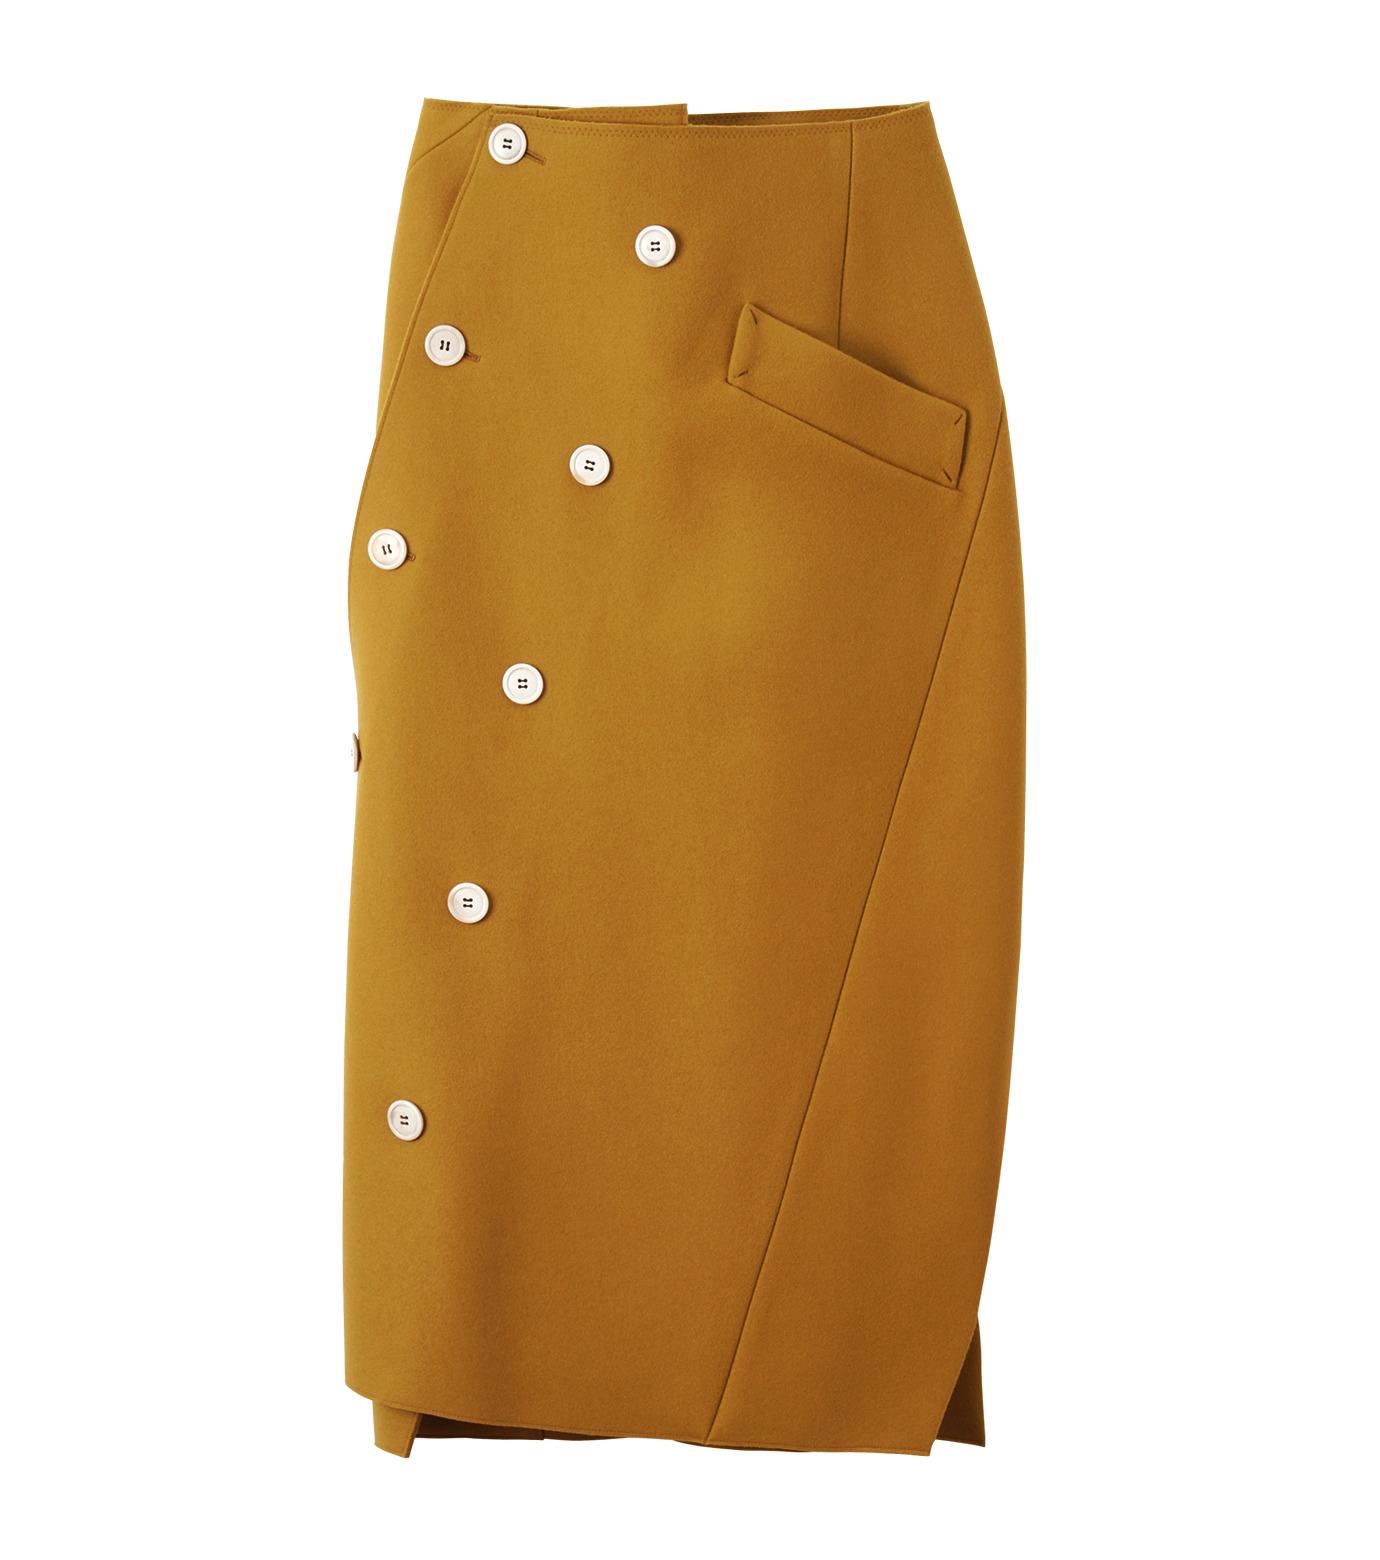 IRENE(アイレネ)のツイストボックスラップスカート-MUSTARD(スカート/skirt)-18A87002 拡大詳細画像8